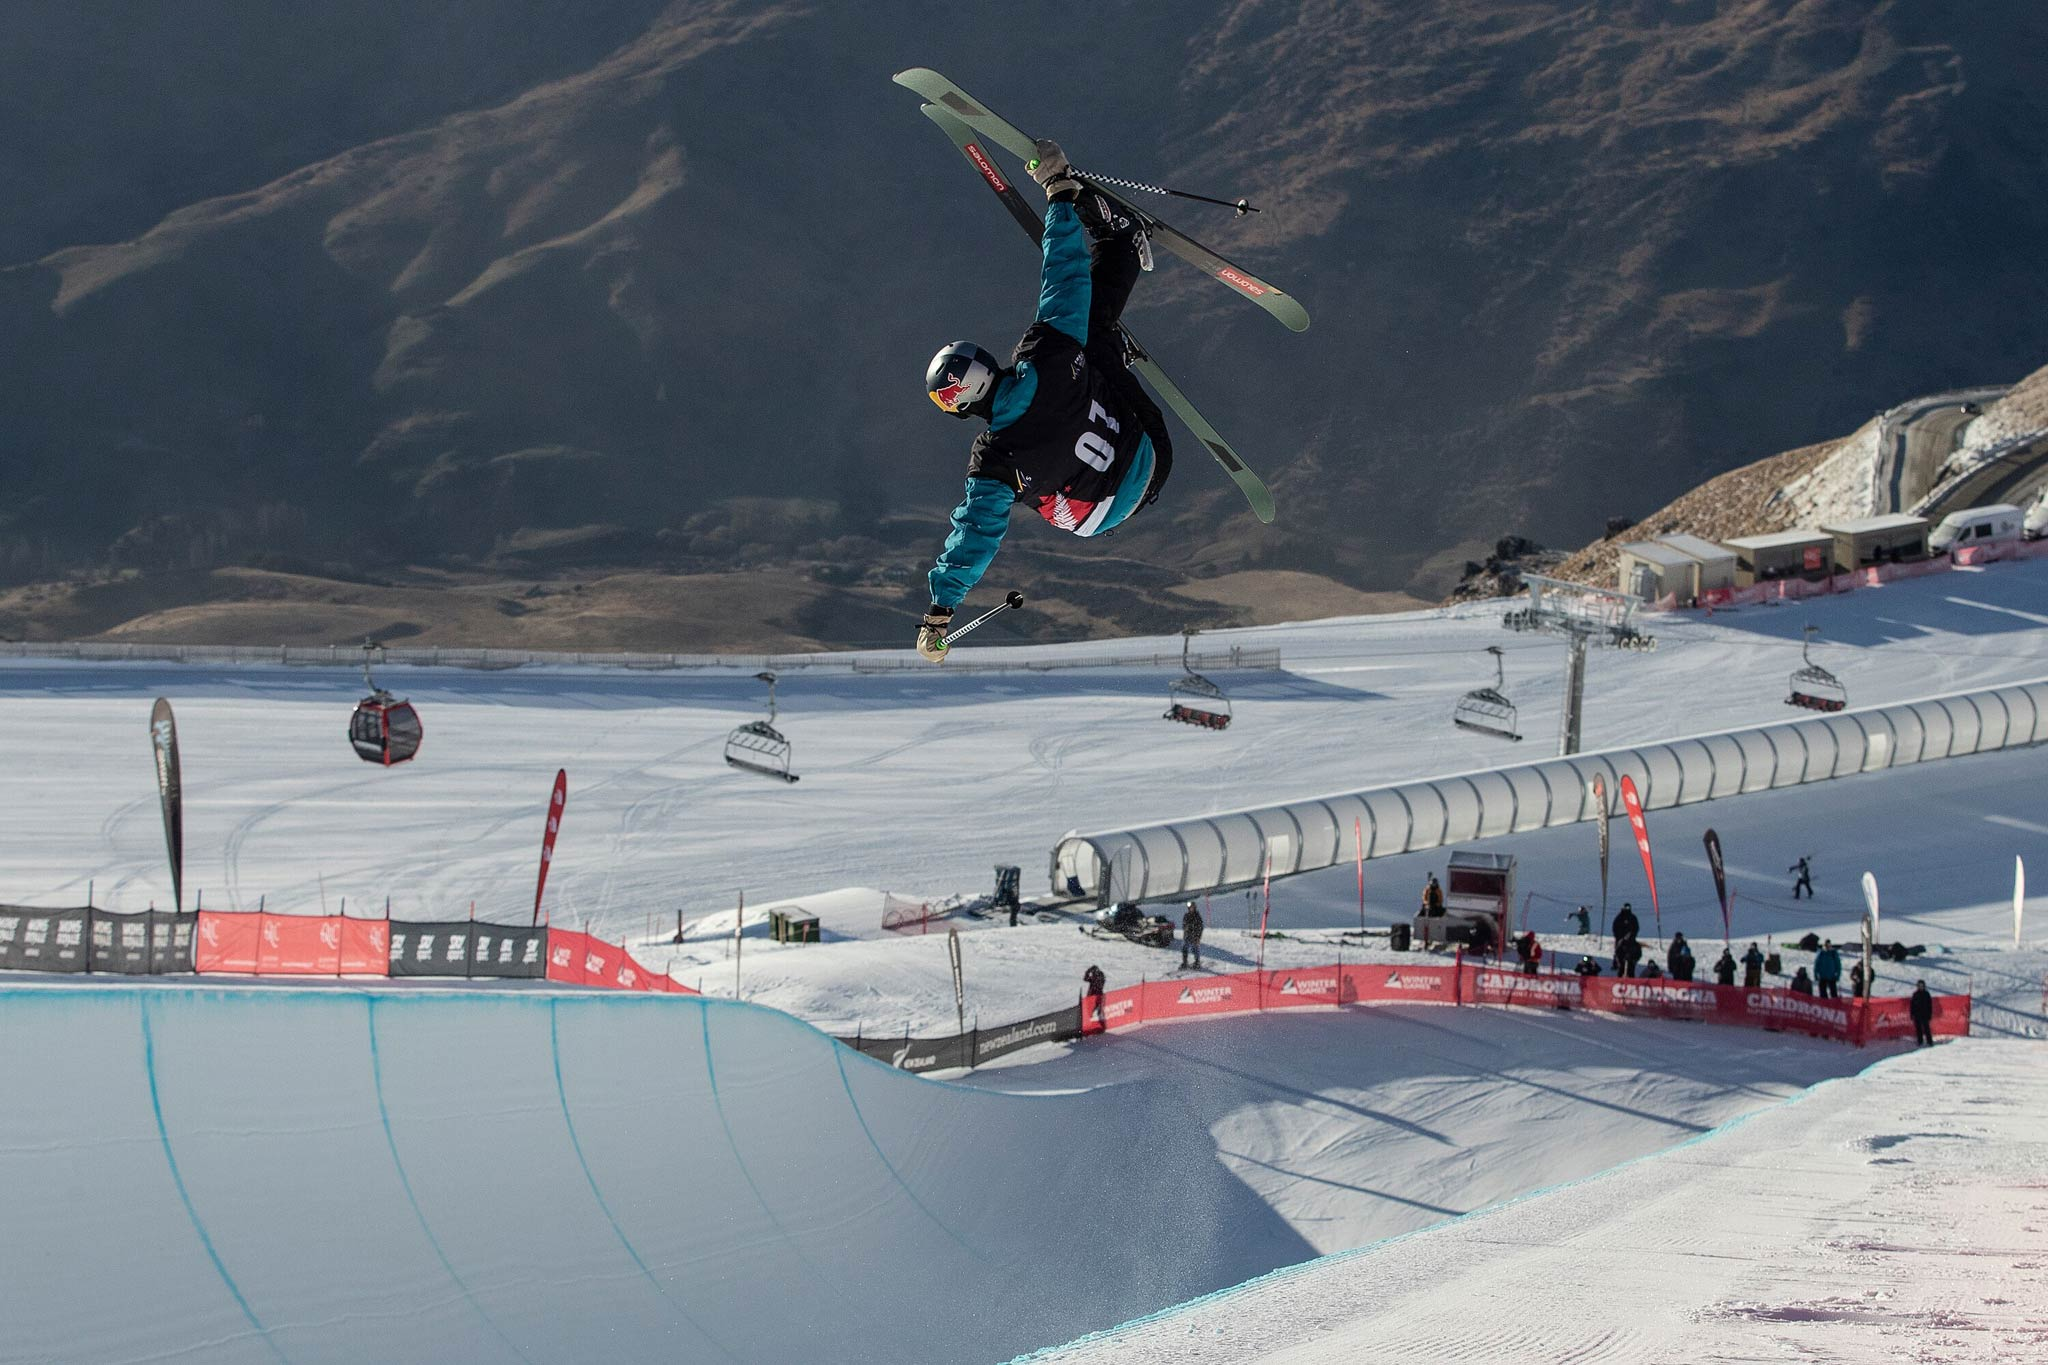 Der Zweitplatzierte Noah Bowman aus Kanada. - Foto: FIS Freestyle / Iain McGregor